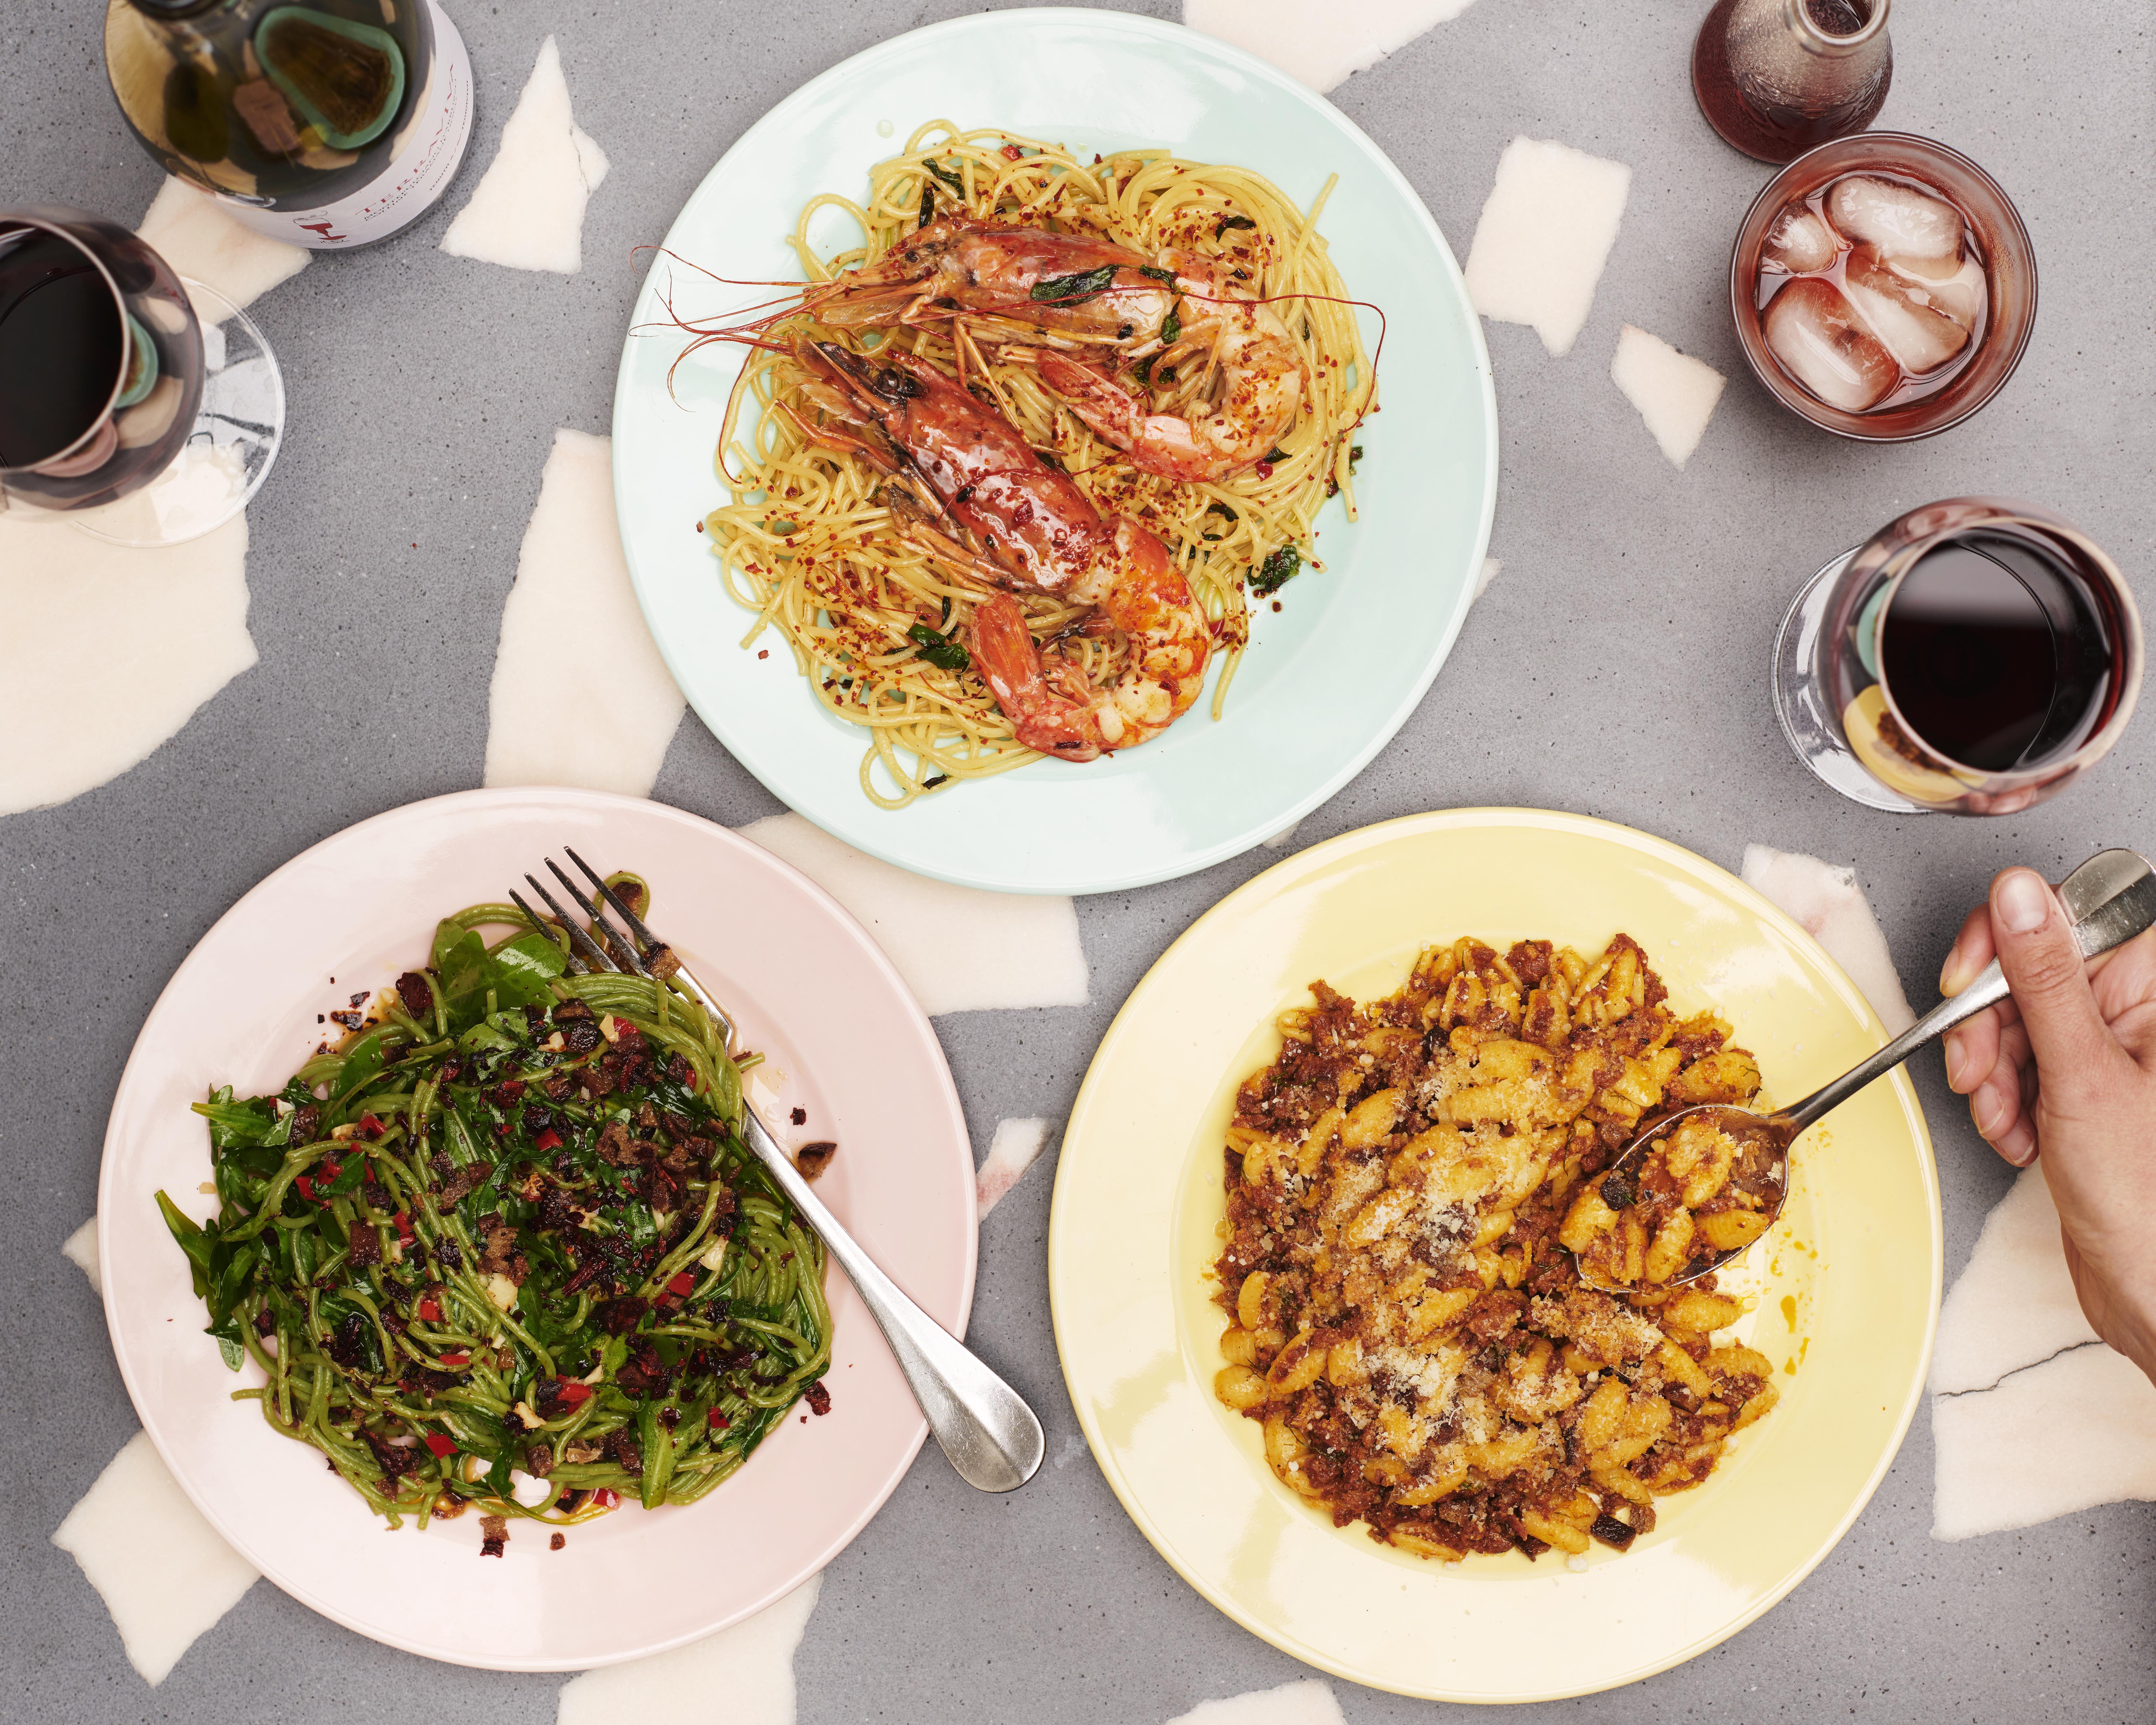 Spinach pasta, crucsco chilli, agretti, and breadcrumbs; red prawns, chilli, tomato spaghetti; slow-cooked sausage sauce, malloreddus pasta dishes at Pastaio in Westfield